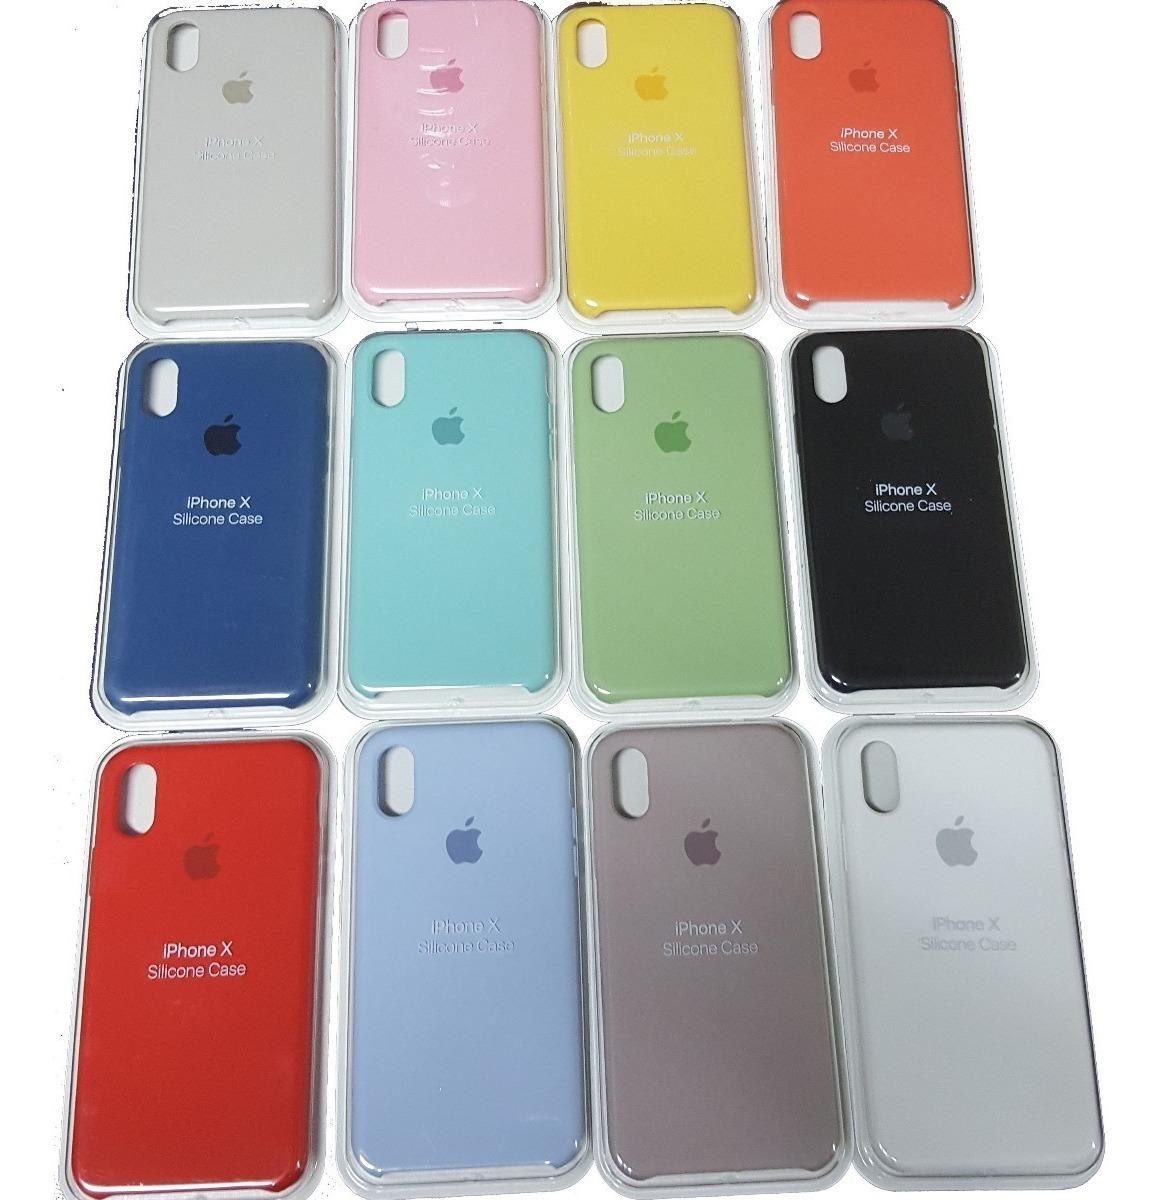 35d3aa15ede Funda iPhone 6 Plus 8 7 X Silicona Soft P/ Apple + Templado - $ 550 ...